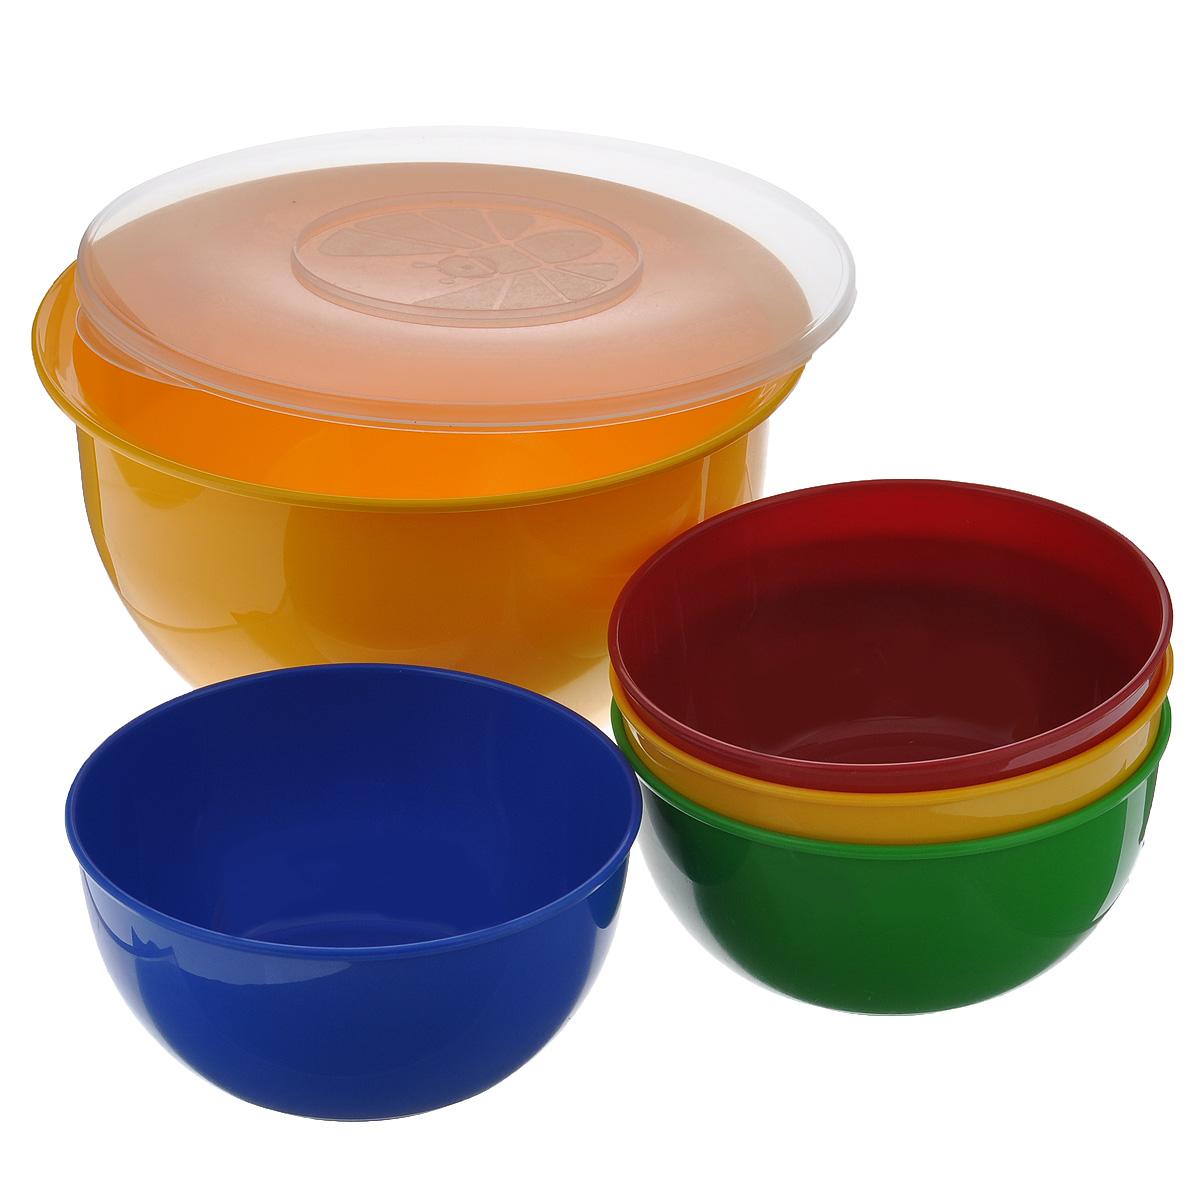 Набор посуды Solaris, 5 предметов посуда для микроволновой печи ruges кастрюля для микроволновки лок